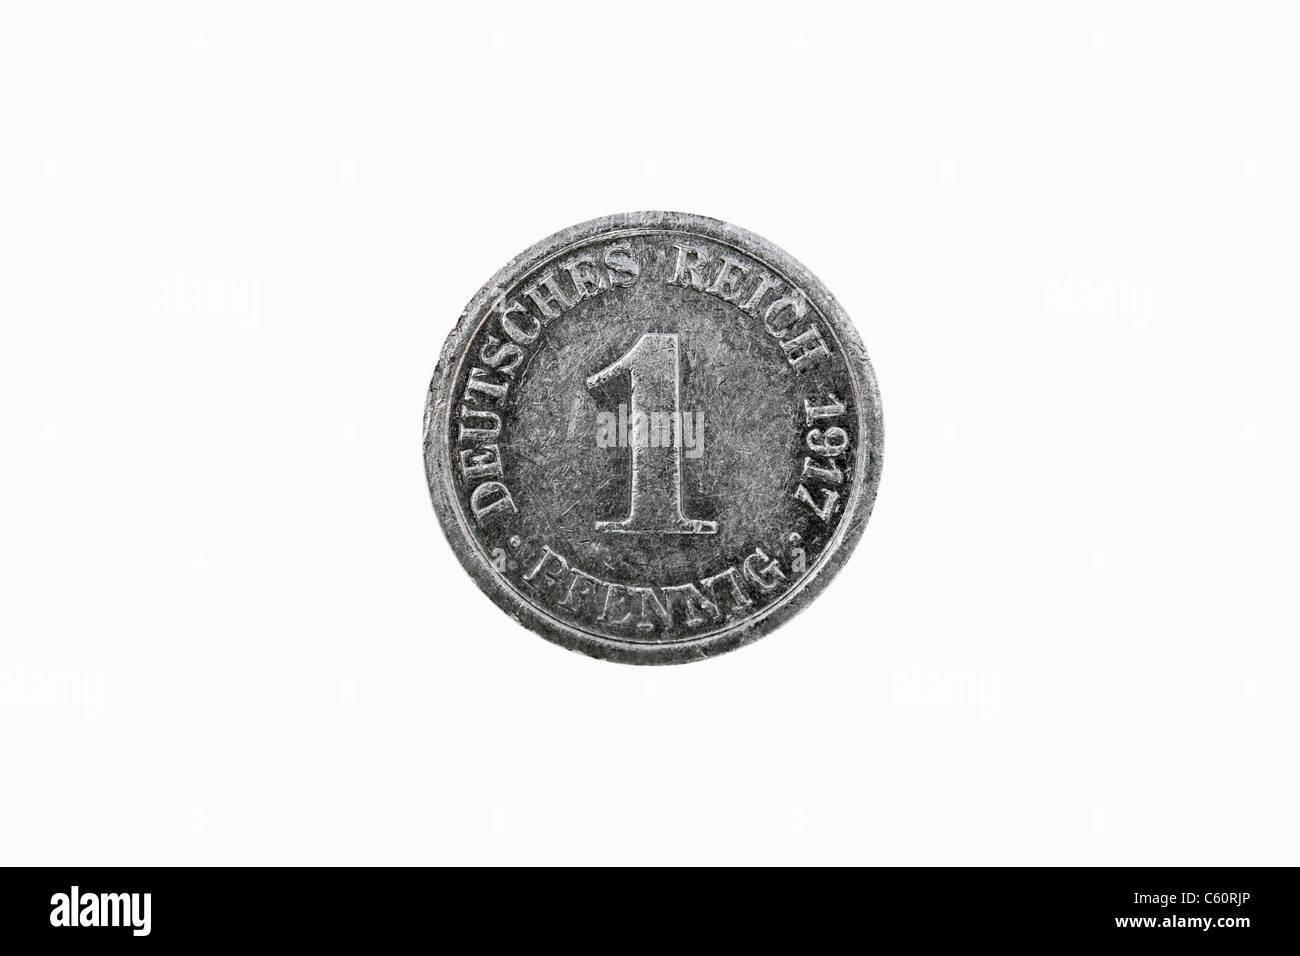 Foto Dettaglio di 1 pfennig medaglia del Reich tedesco a partire dall'anno 1917 Foto Stock